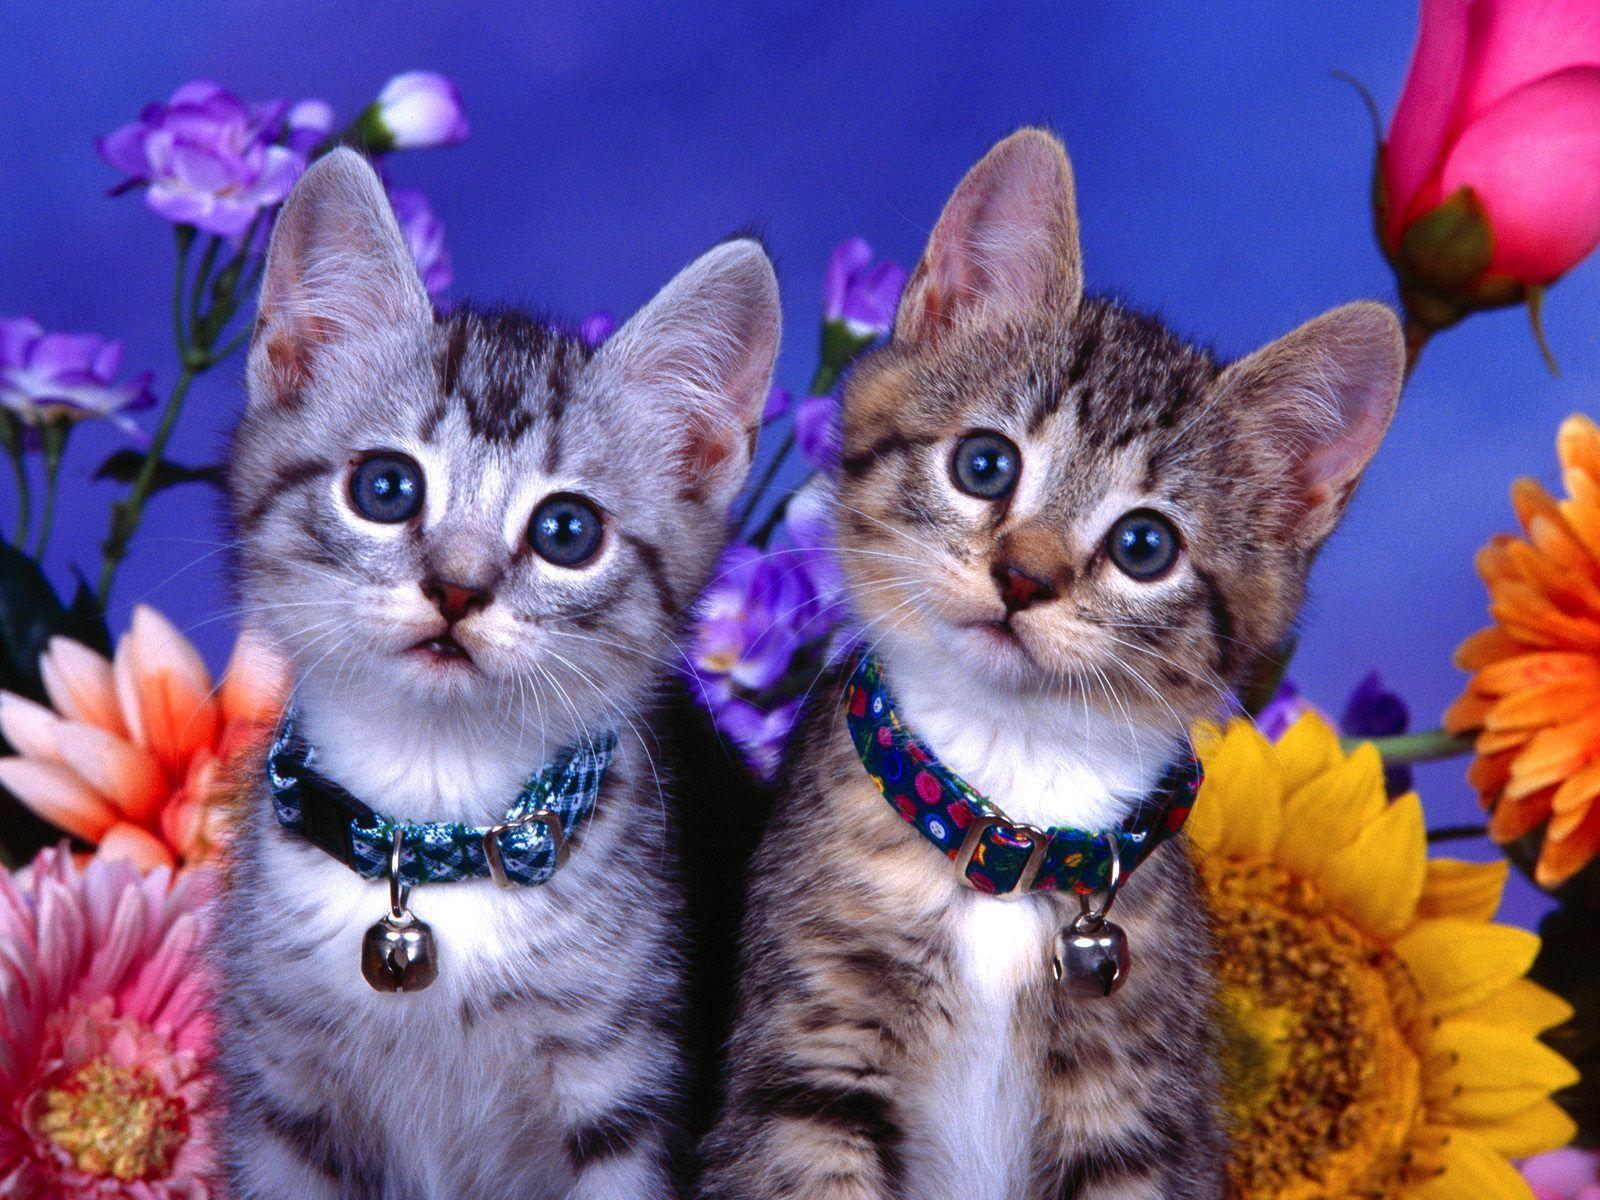 Merveilleux Free Desktop Wallpaper Cute Dragons | Cute Cat Brothers Desktop Background  FreeIn Pet Wallpaper : Cats